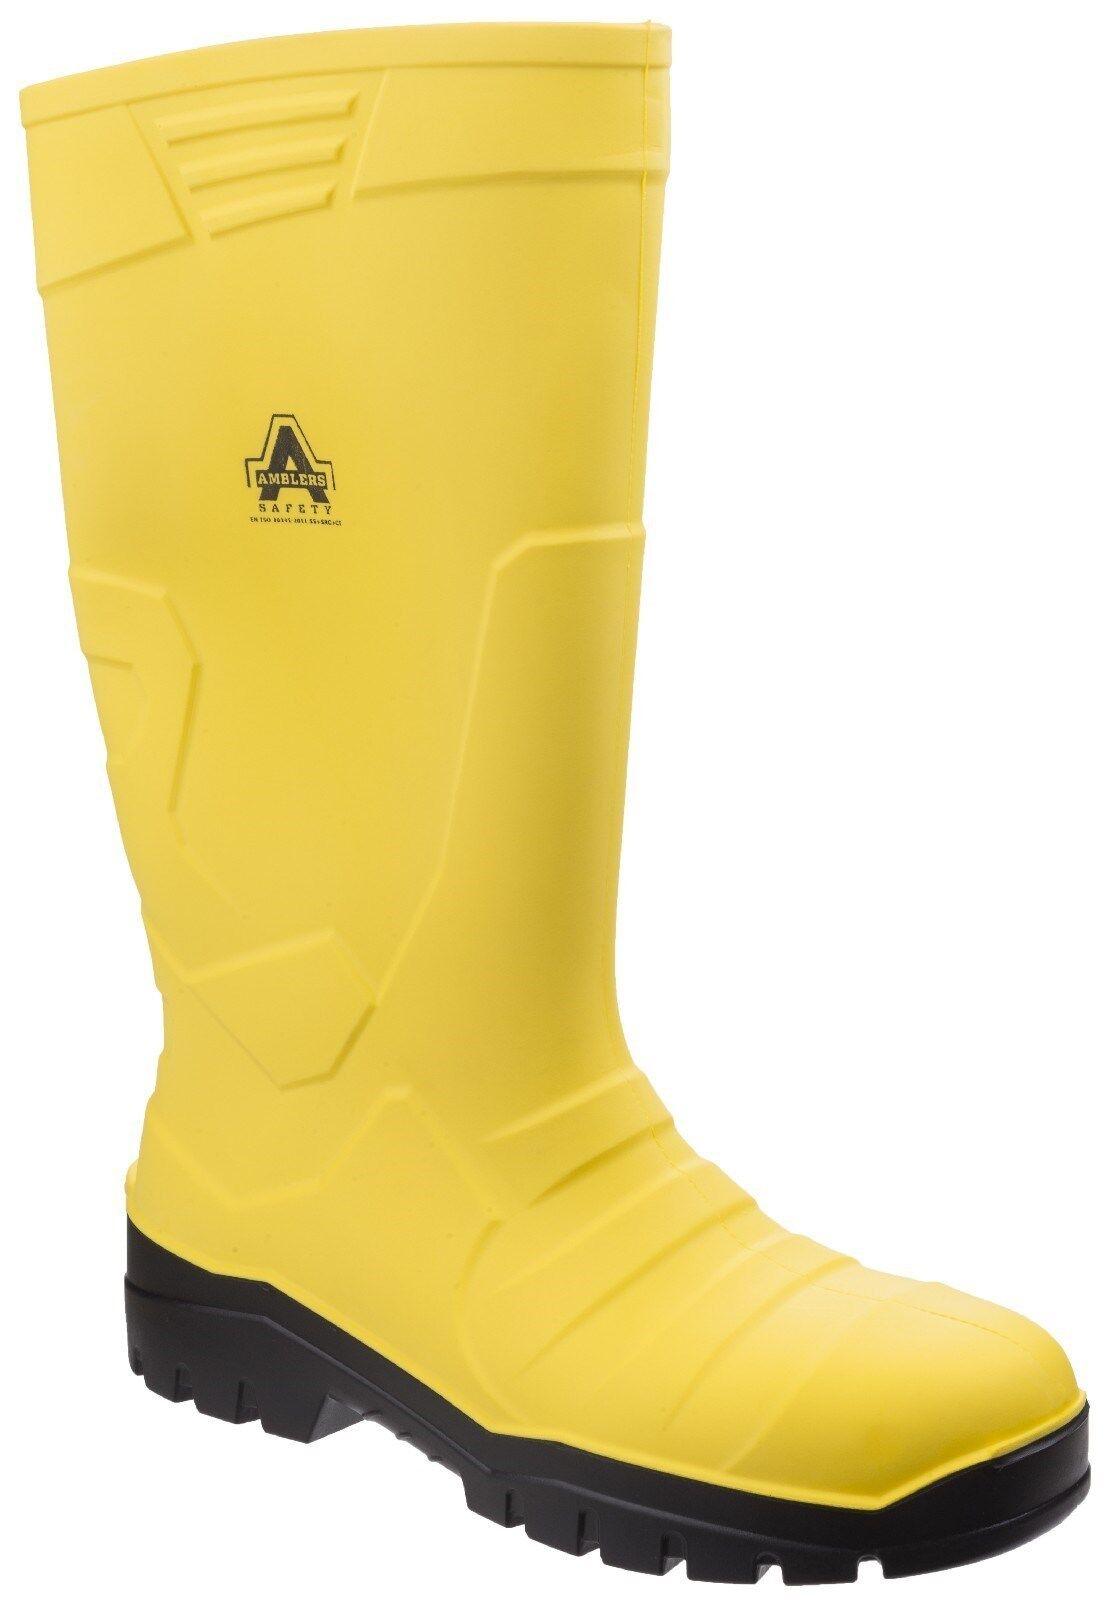 Amblers AS1007 Sicurezza Stivali di gomma Acciaio Puntale Stivali di Gomma da Uomo Work Boots